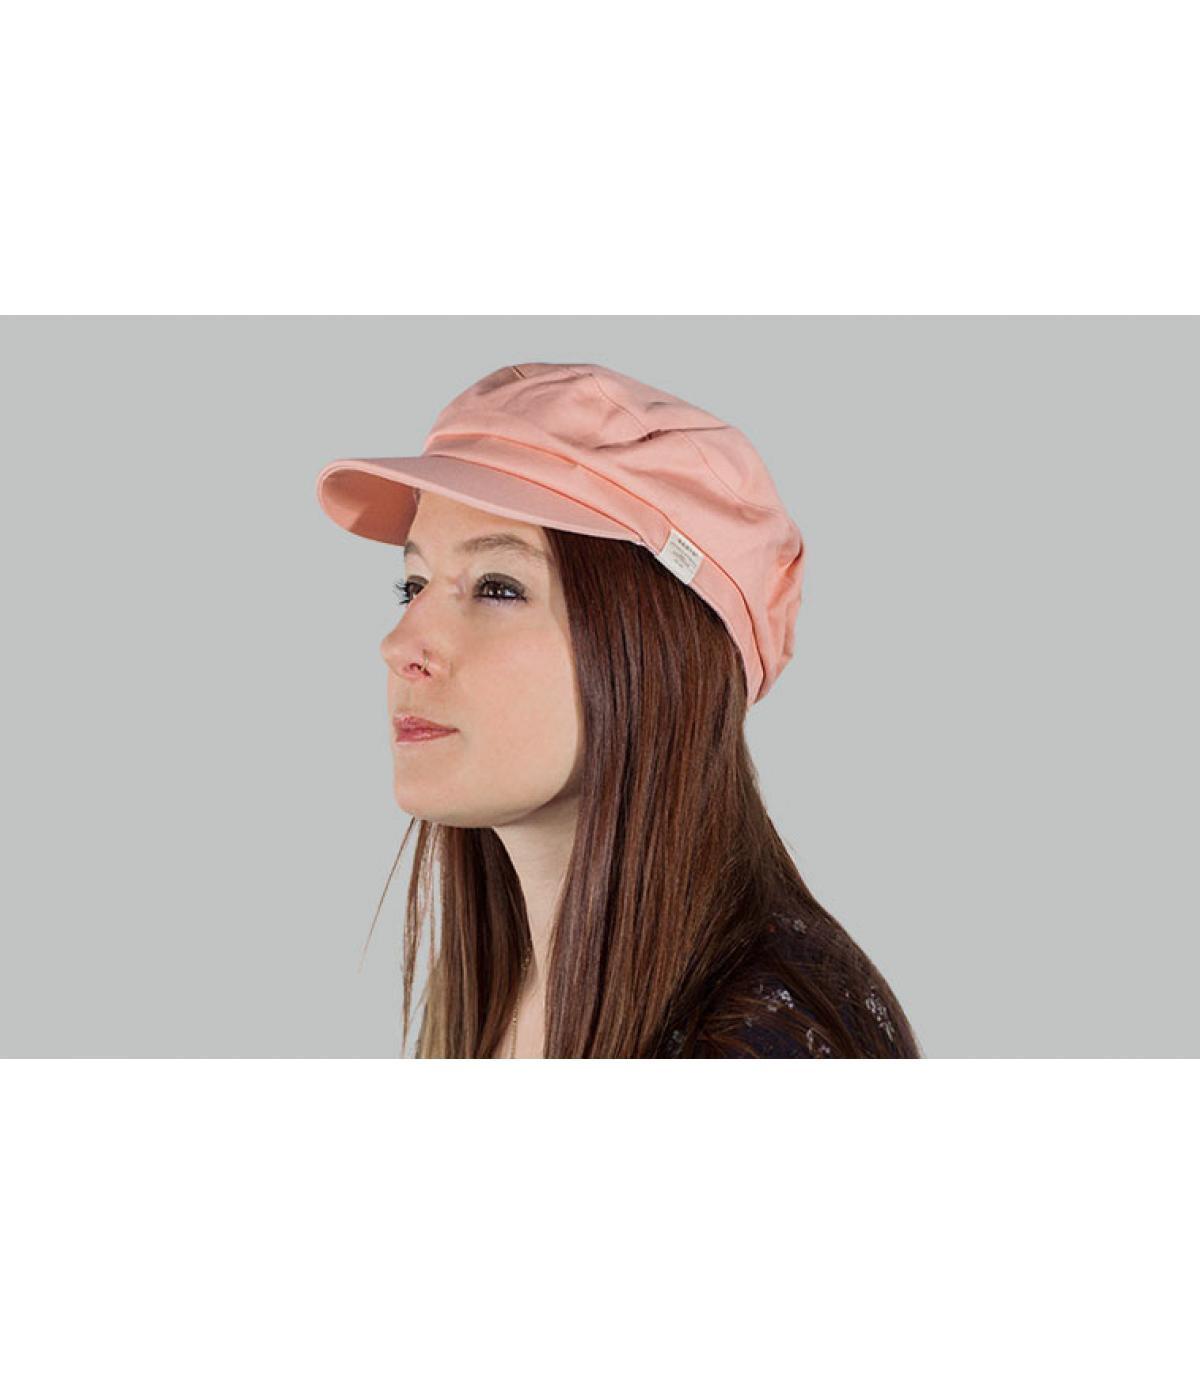 roze zeemuts